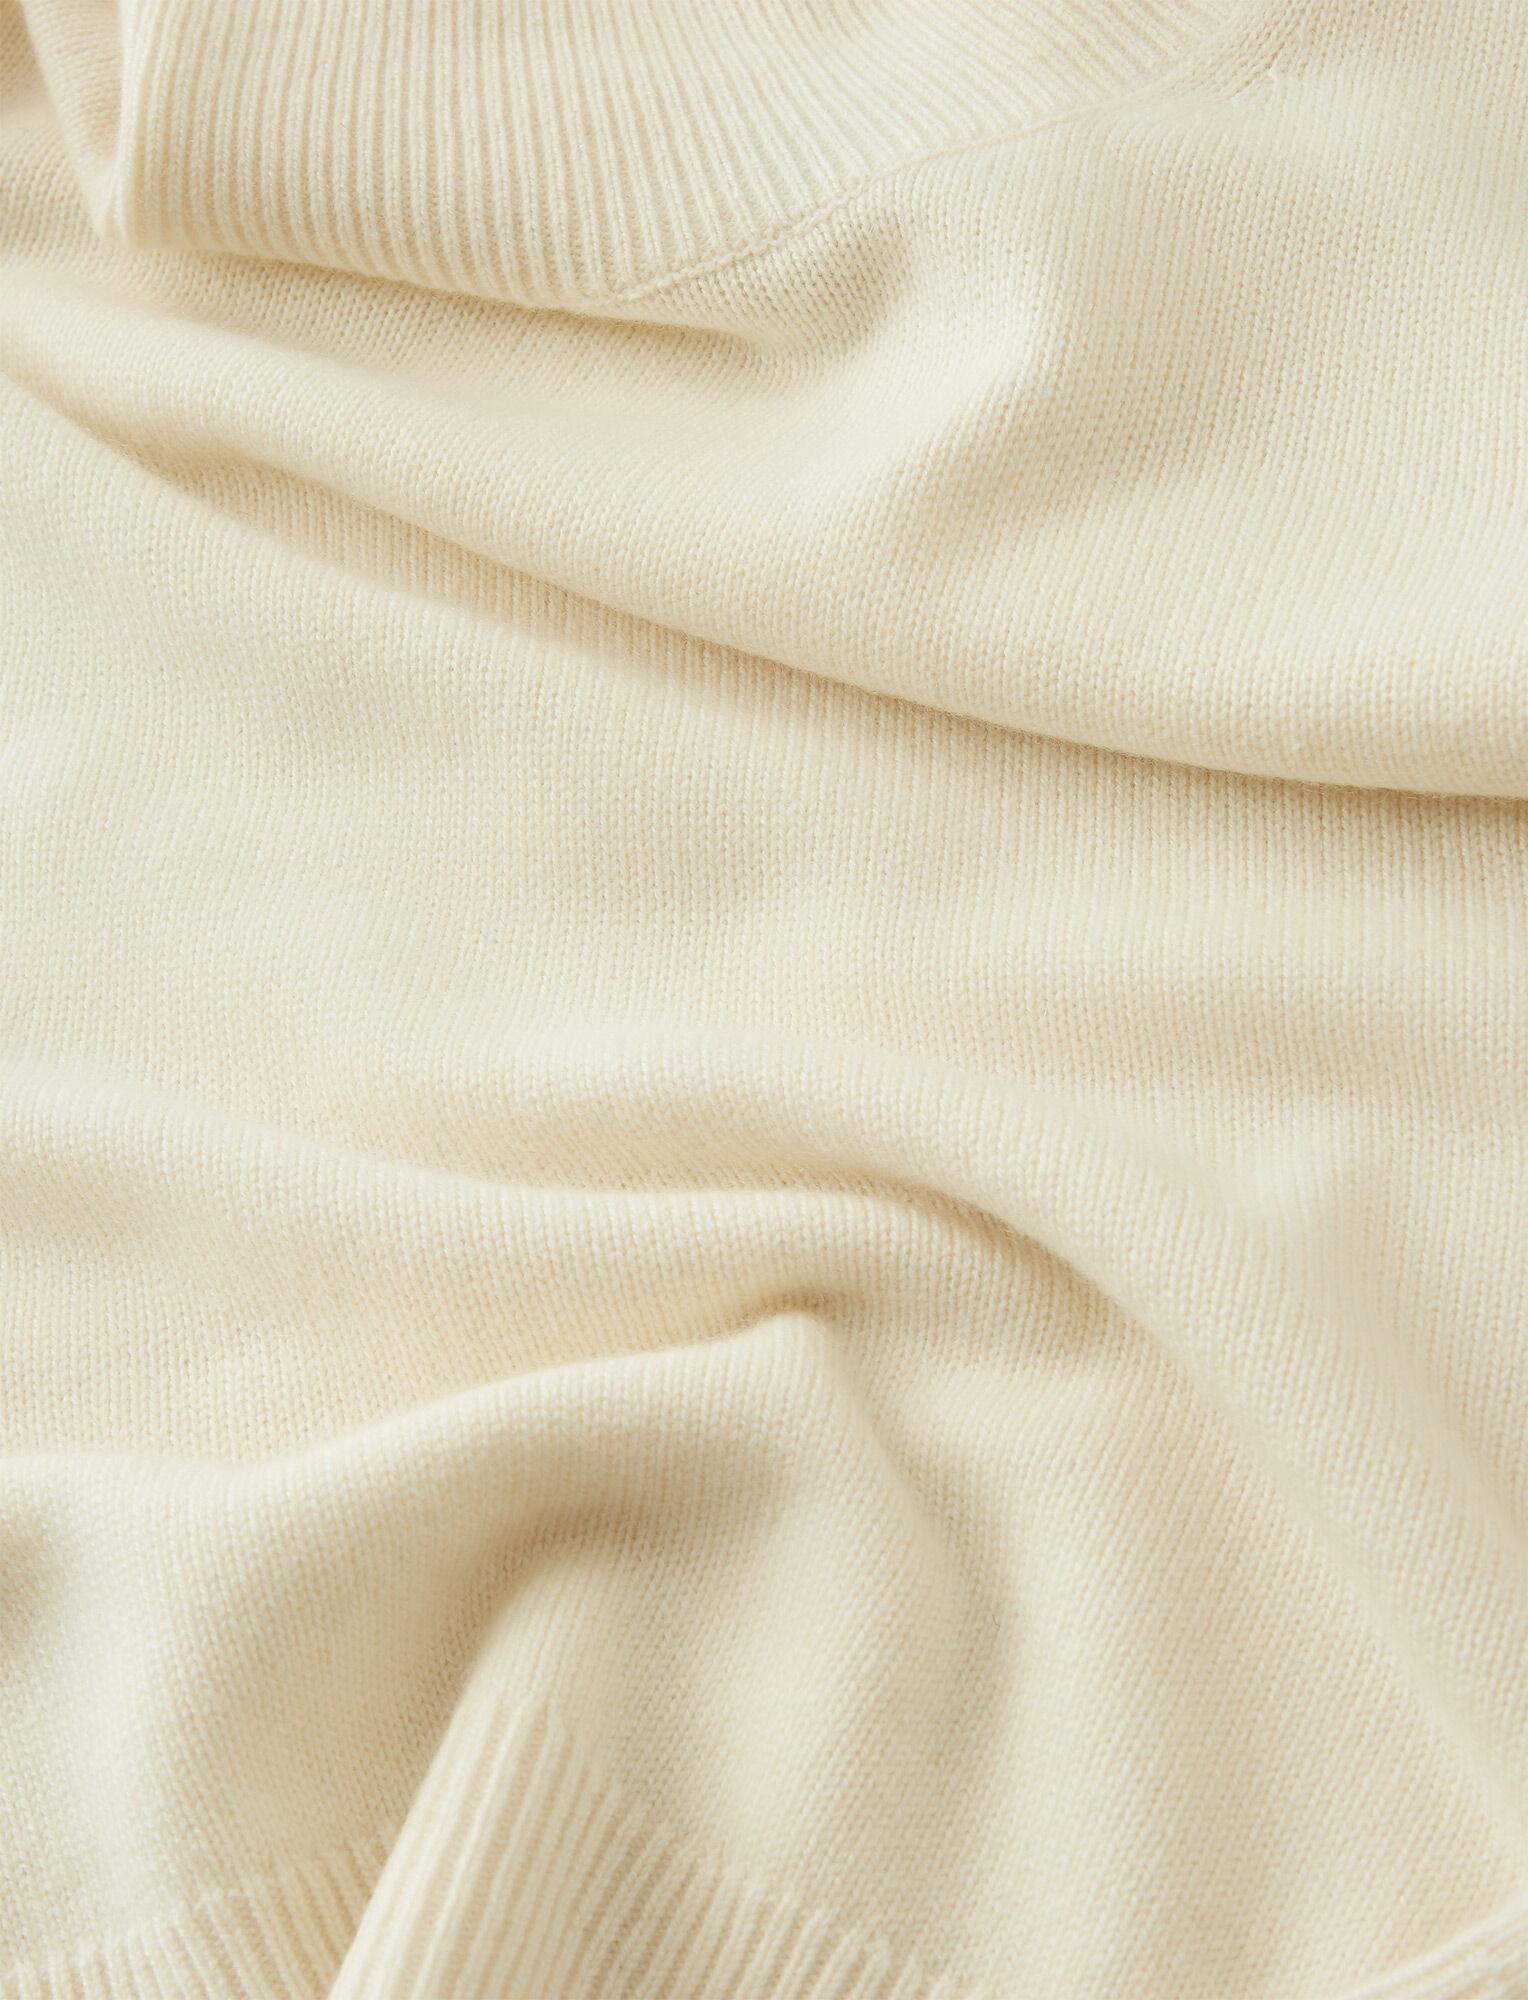 Joseph, High Neck Pure Cashmere Knit, in CREAM